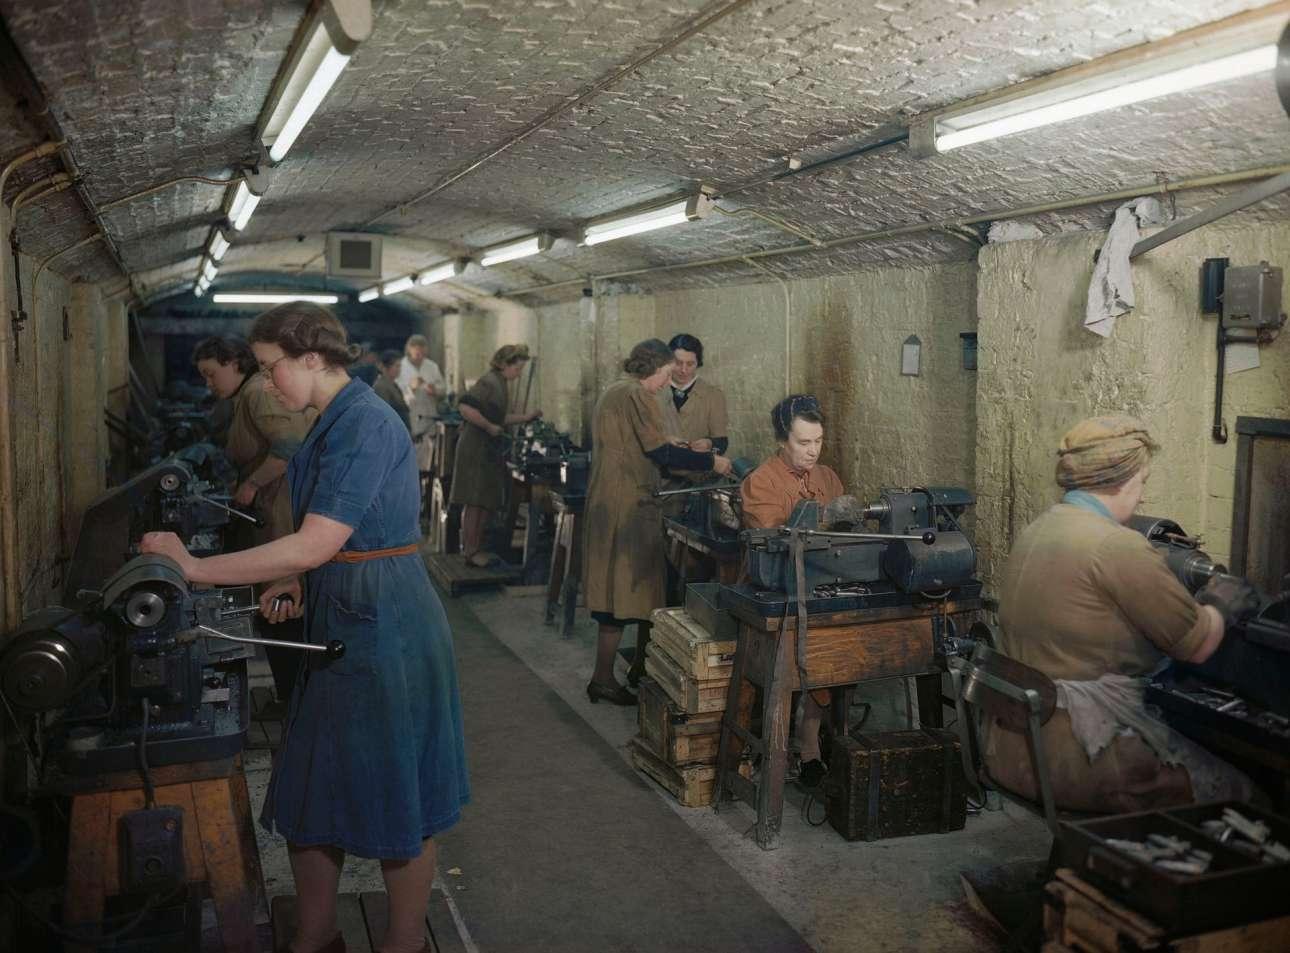 Γυναίκες κατασκευάζουν σφαίρες και βλήματα κανονιών στο υπόγειο εργοστάσιο πυρομαχικών του Μέρσισαιντ, 1945